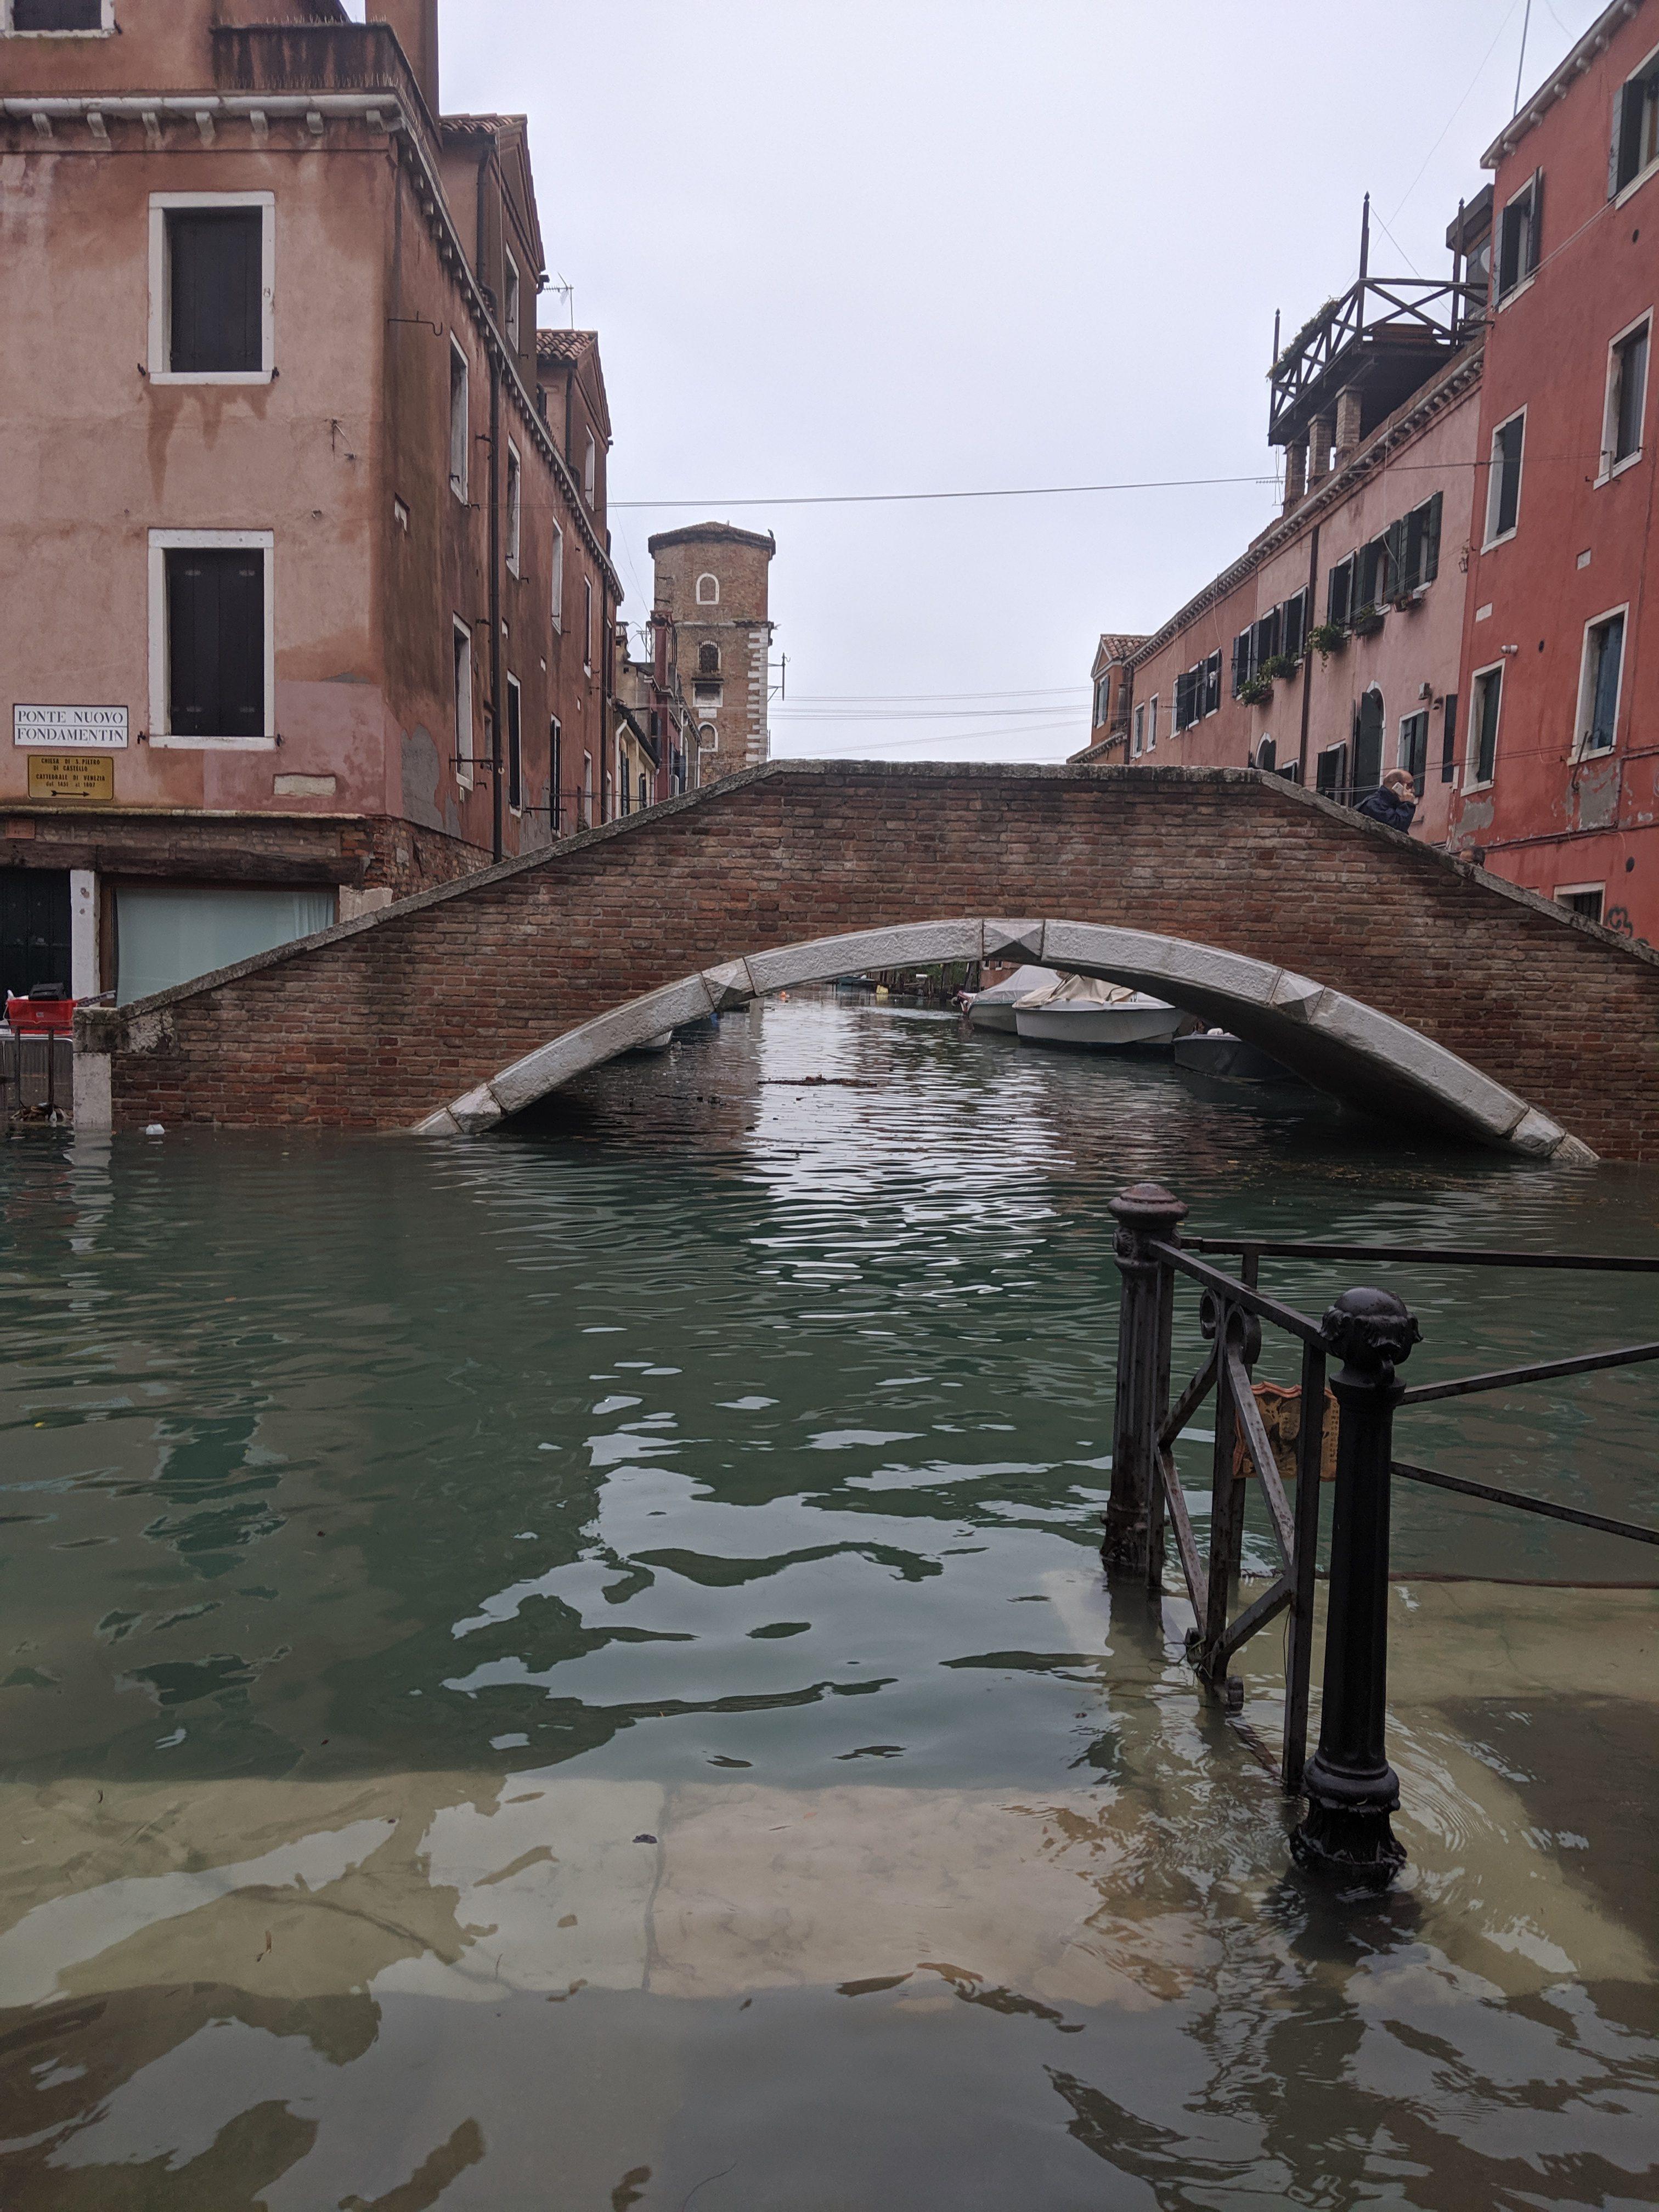 CBC Radio 14.11.2019: Venice Needs New Governance System To Prevent Future Floods E Agli Articoli Sull'acqua Grande Di Novembre 2019